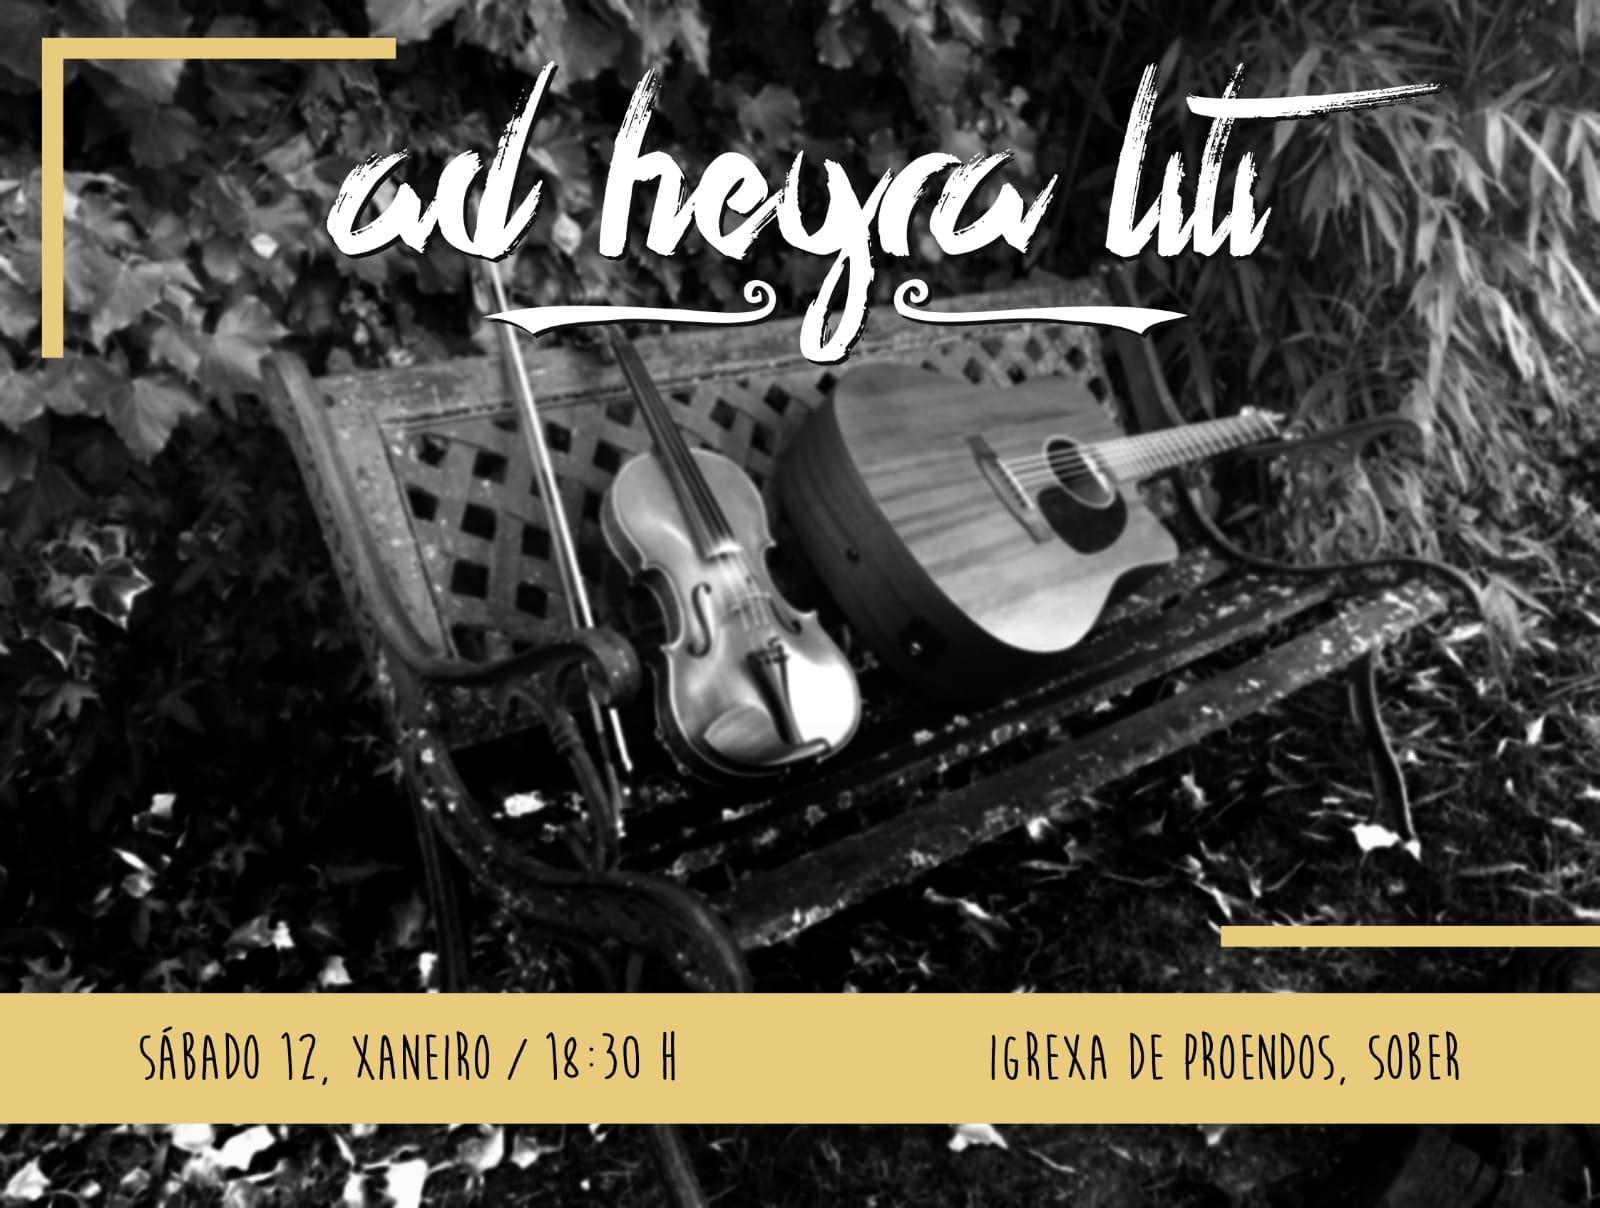 AD HEYRA LITI - FIESTAS DE SAN AMARO PROENDOS (SOBER) 2019